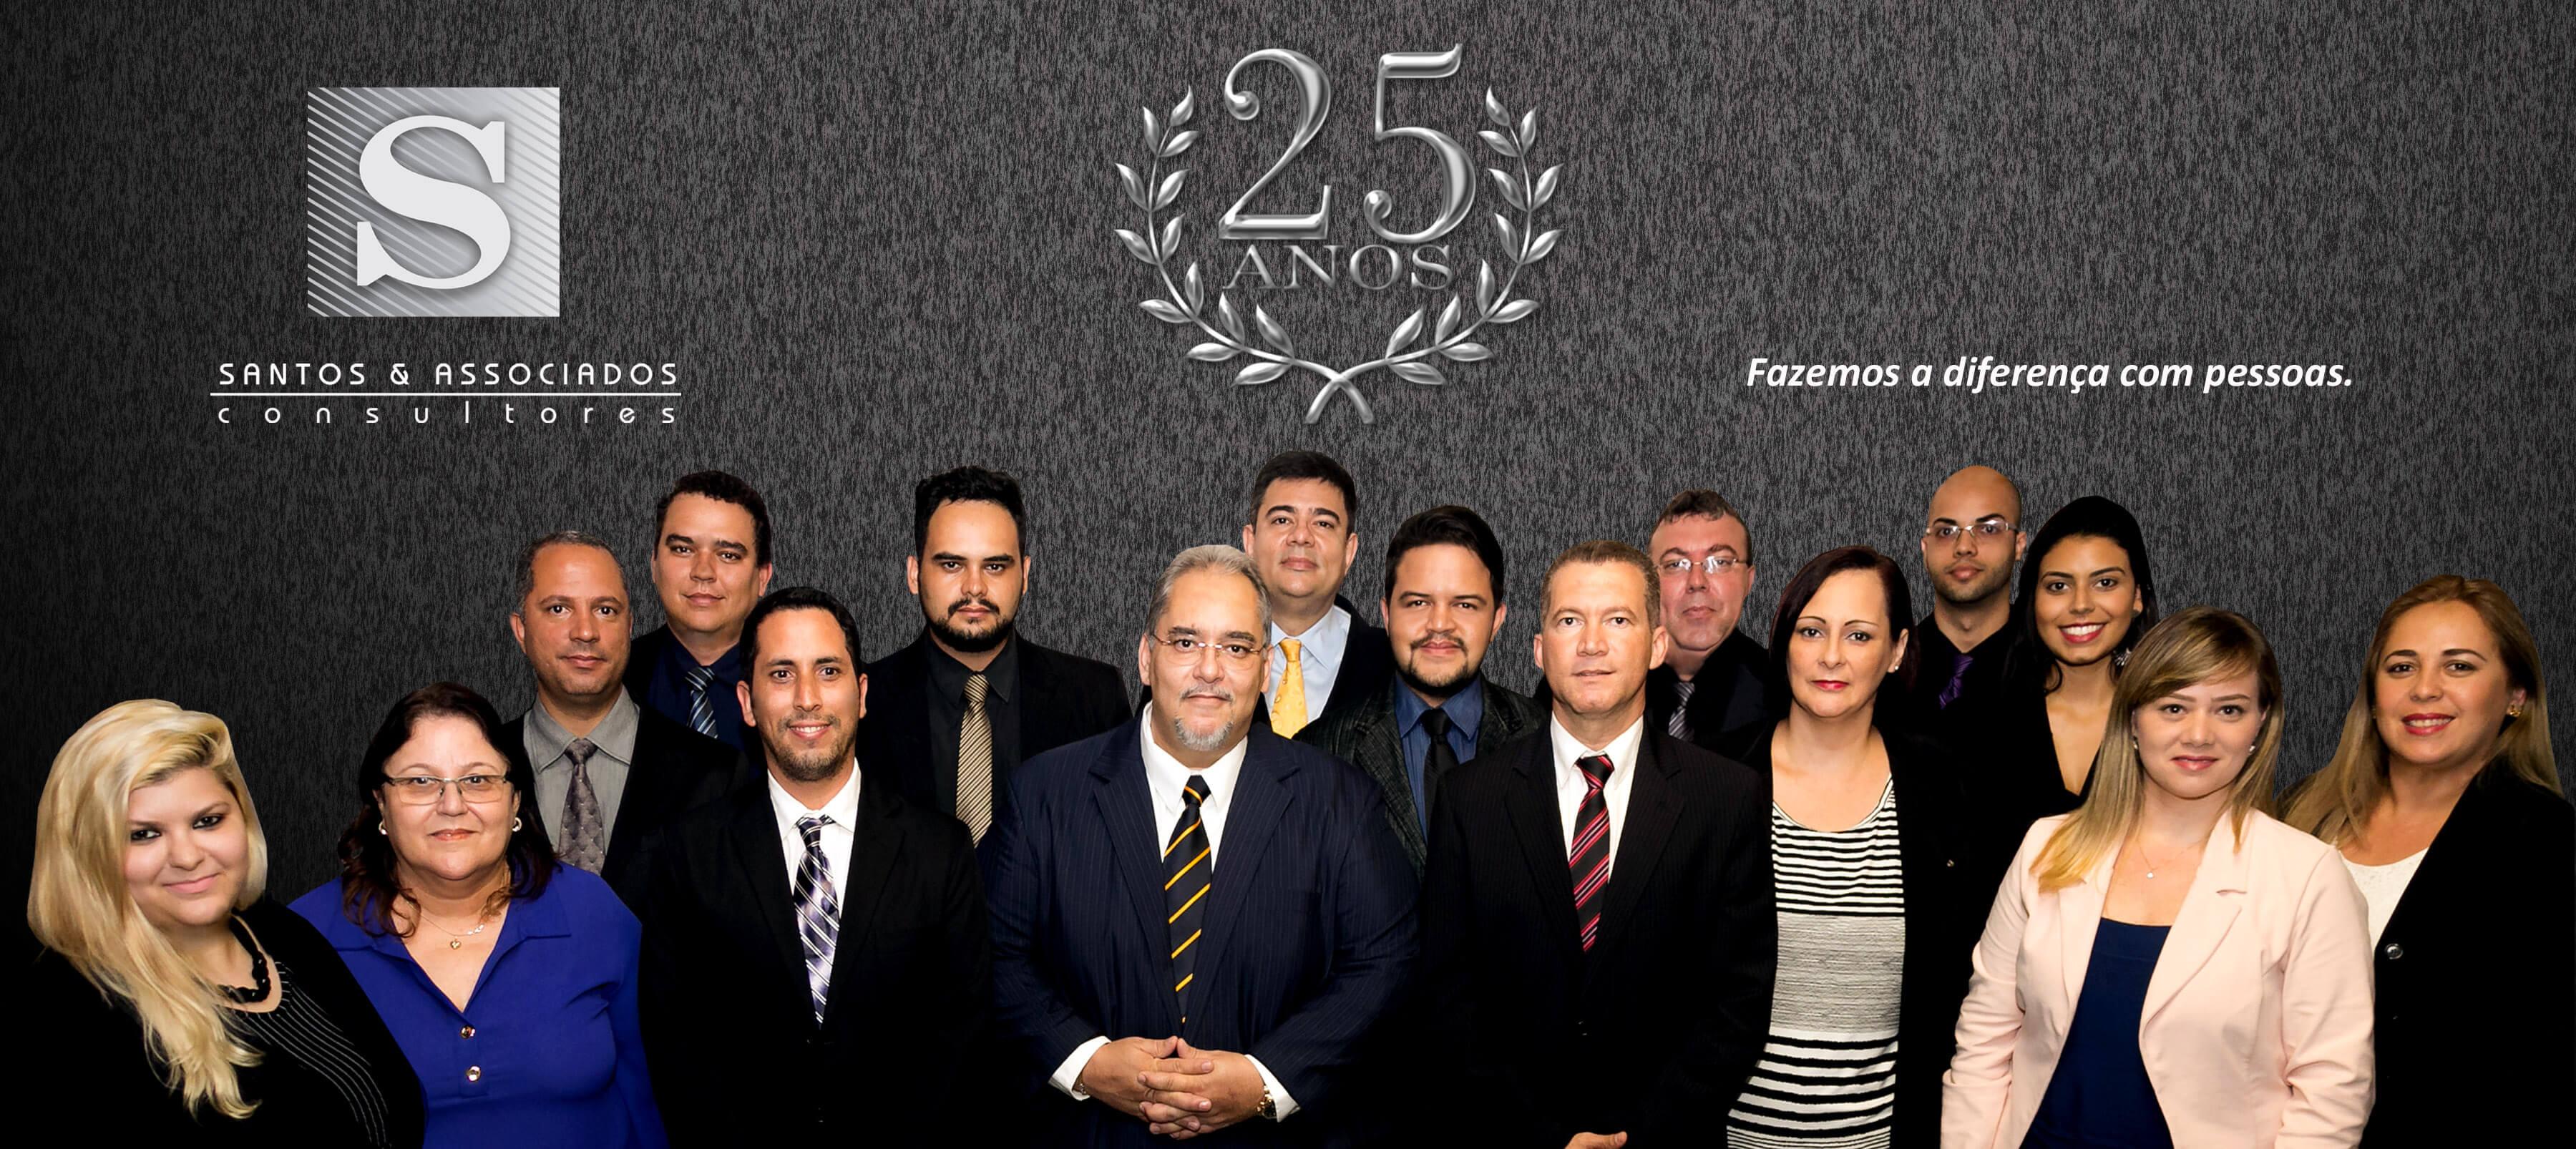 foto equipe 2 Santos e Associados